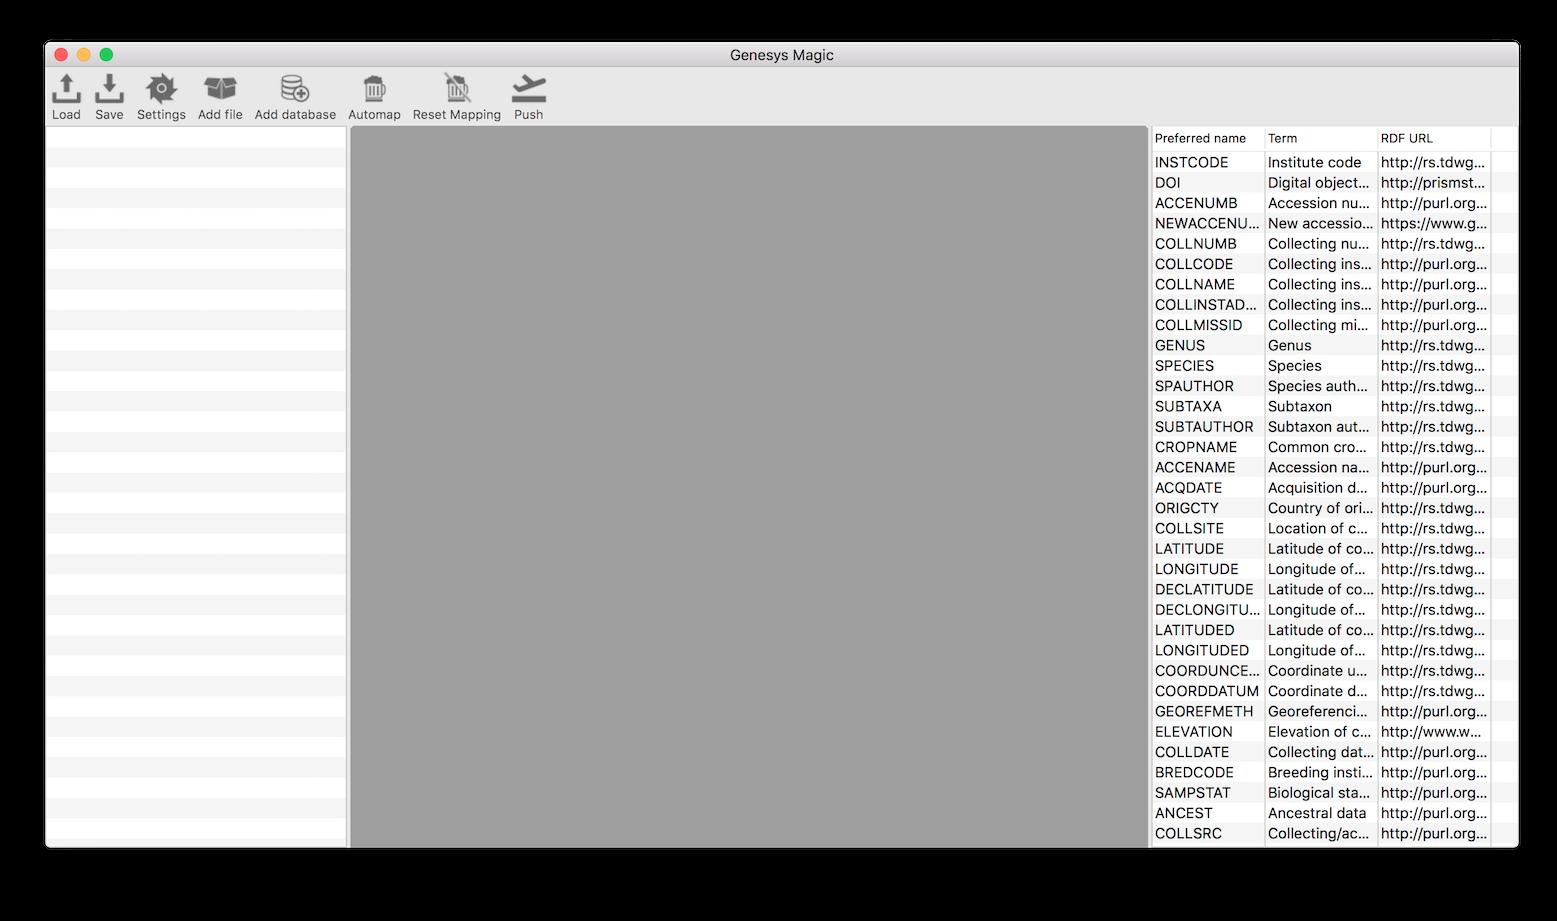 anno-docs/src/docs/asciidoc/images/anno-blank.png